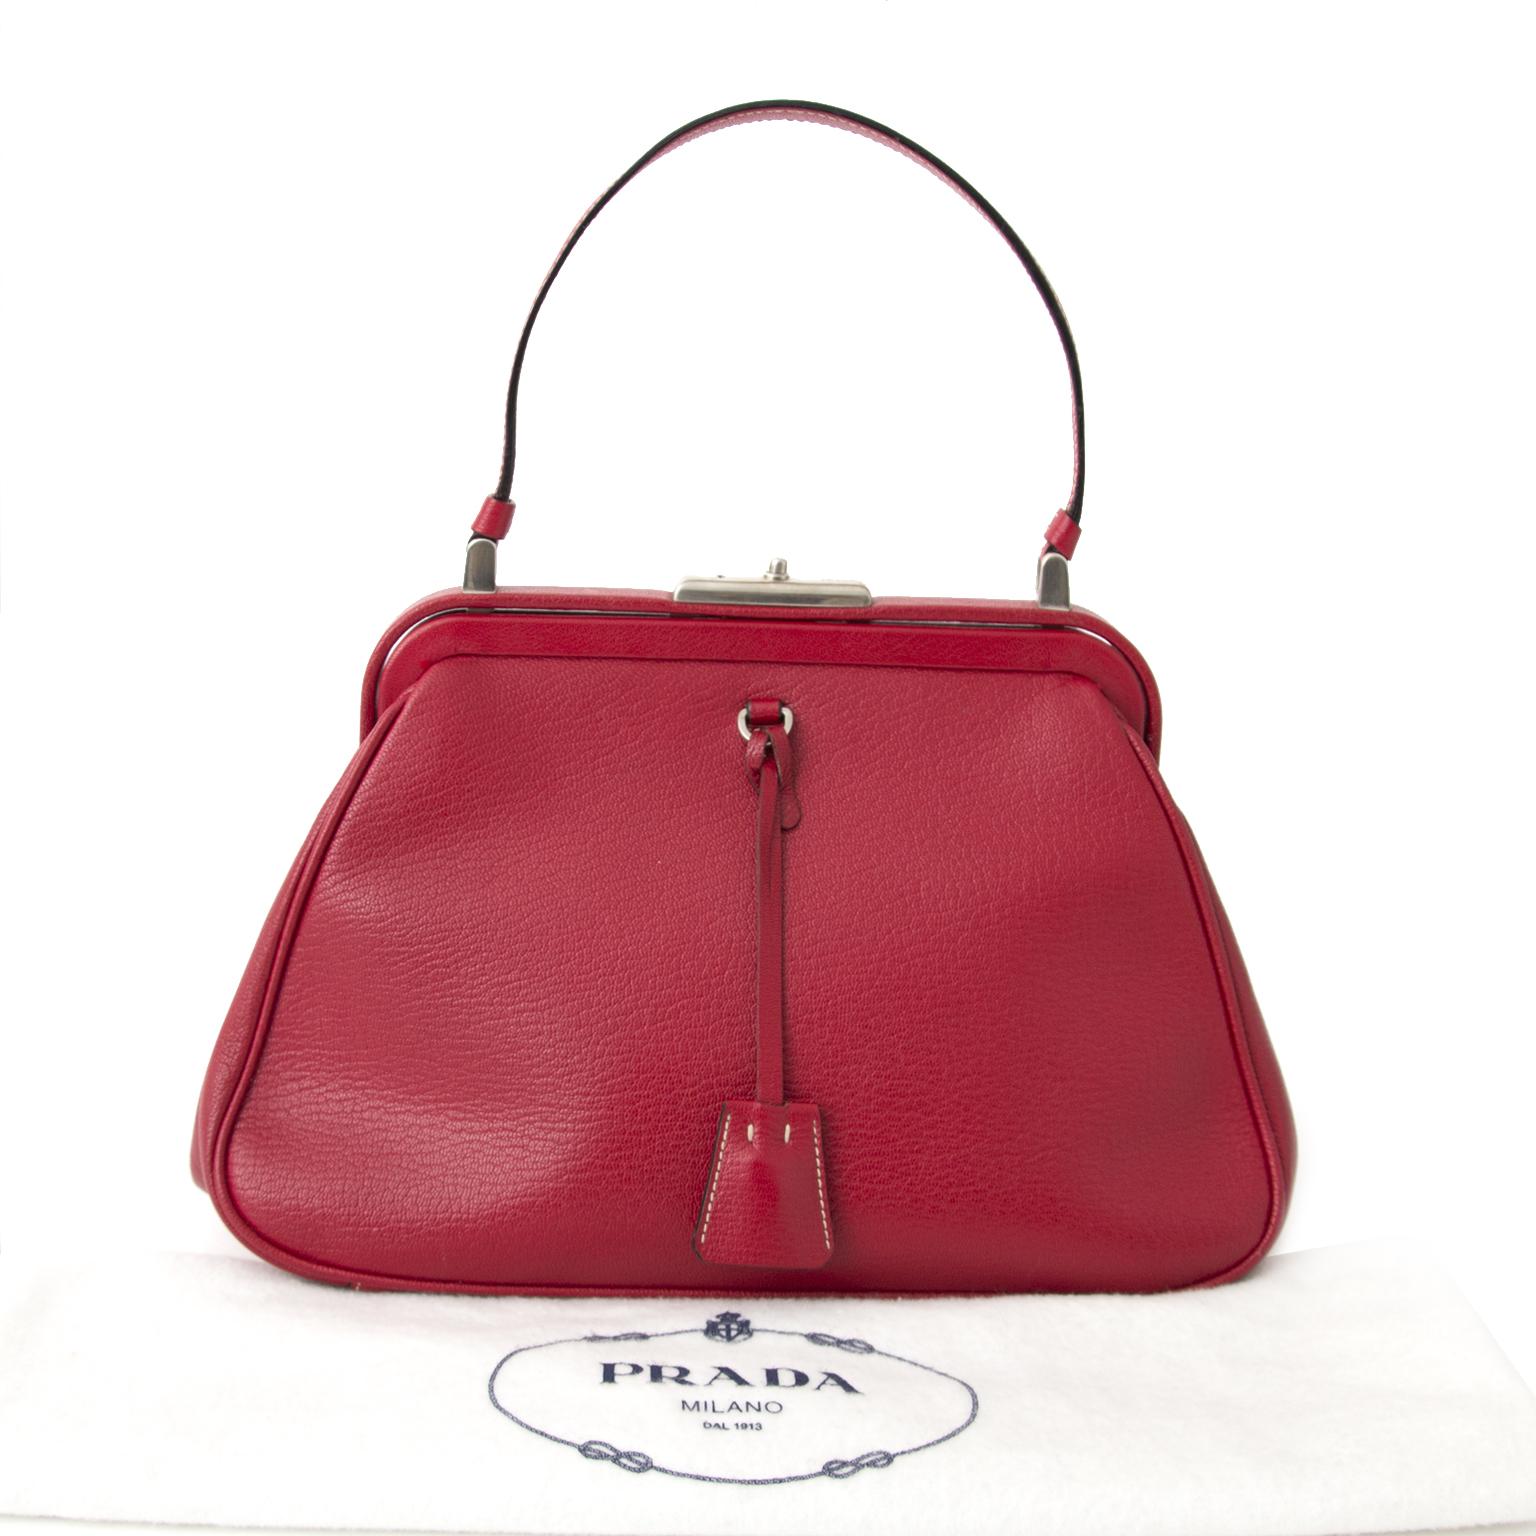 6526bb32b5 acheter en ligne pour le meilleur prix sac a main Prada Red Doctors Bag  pour le shop safe online at the best price Prada Red Doctors Bag online  webshop ...